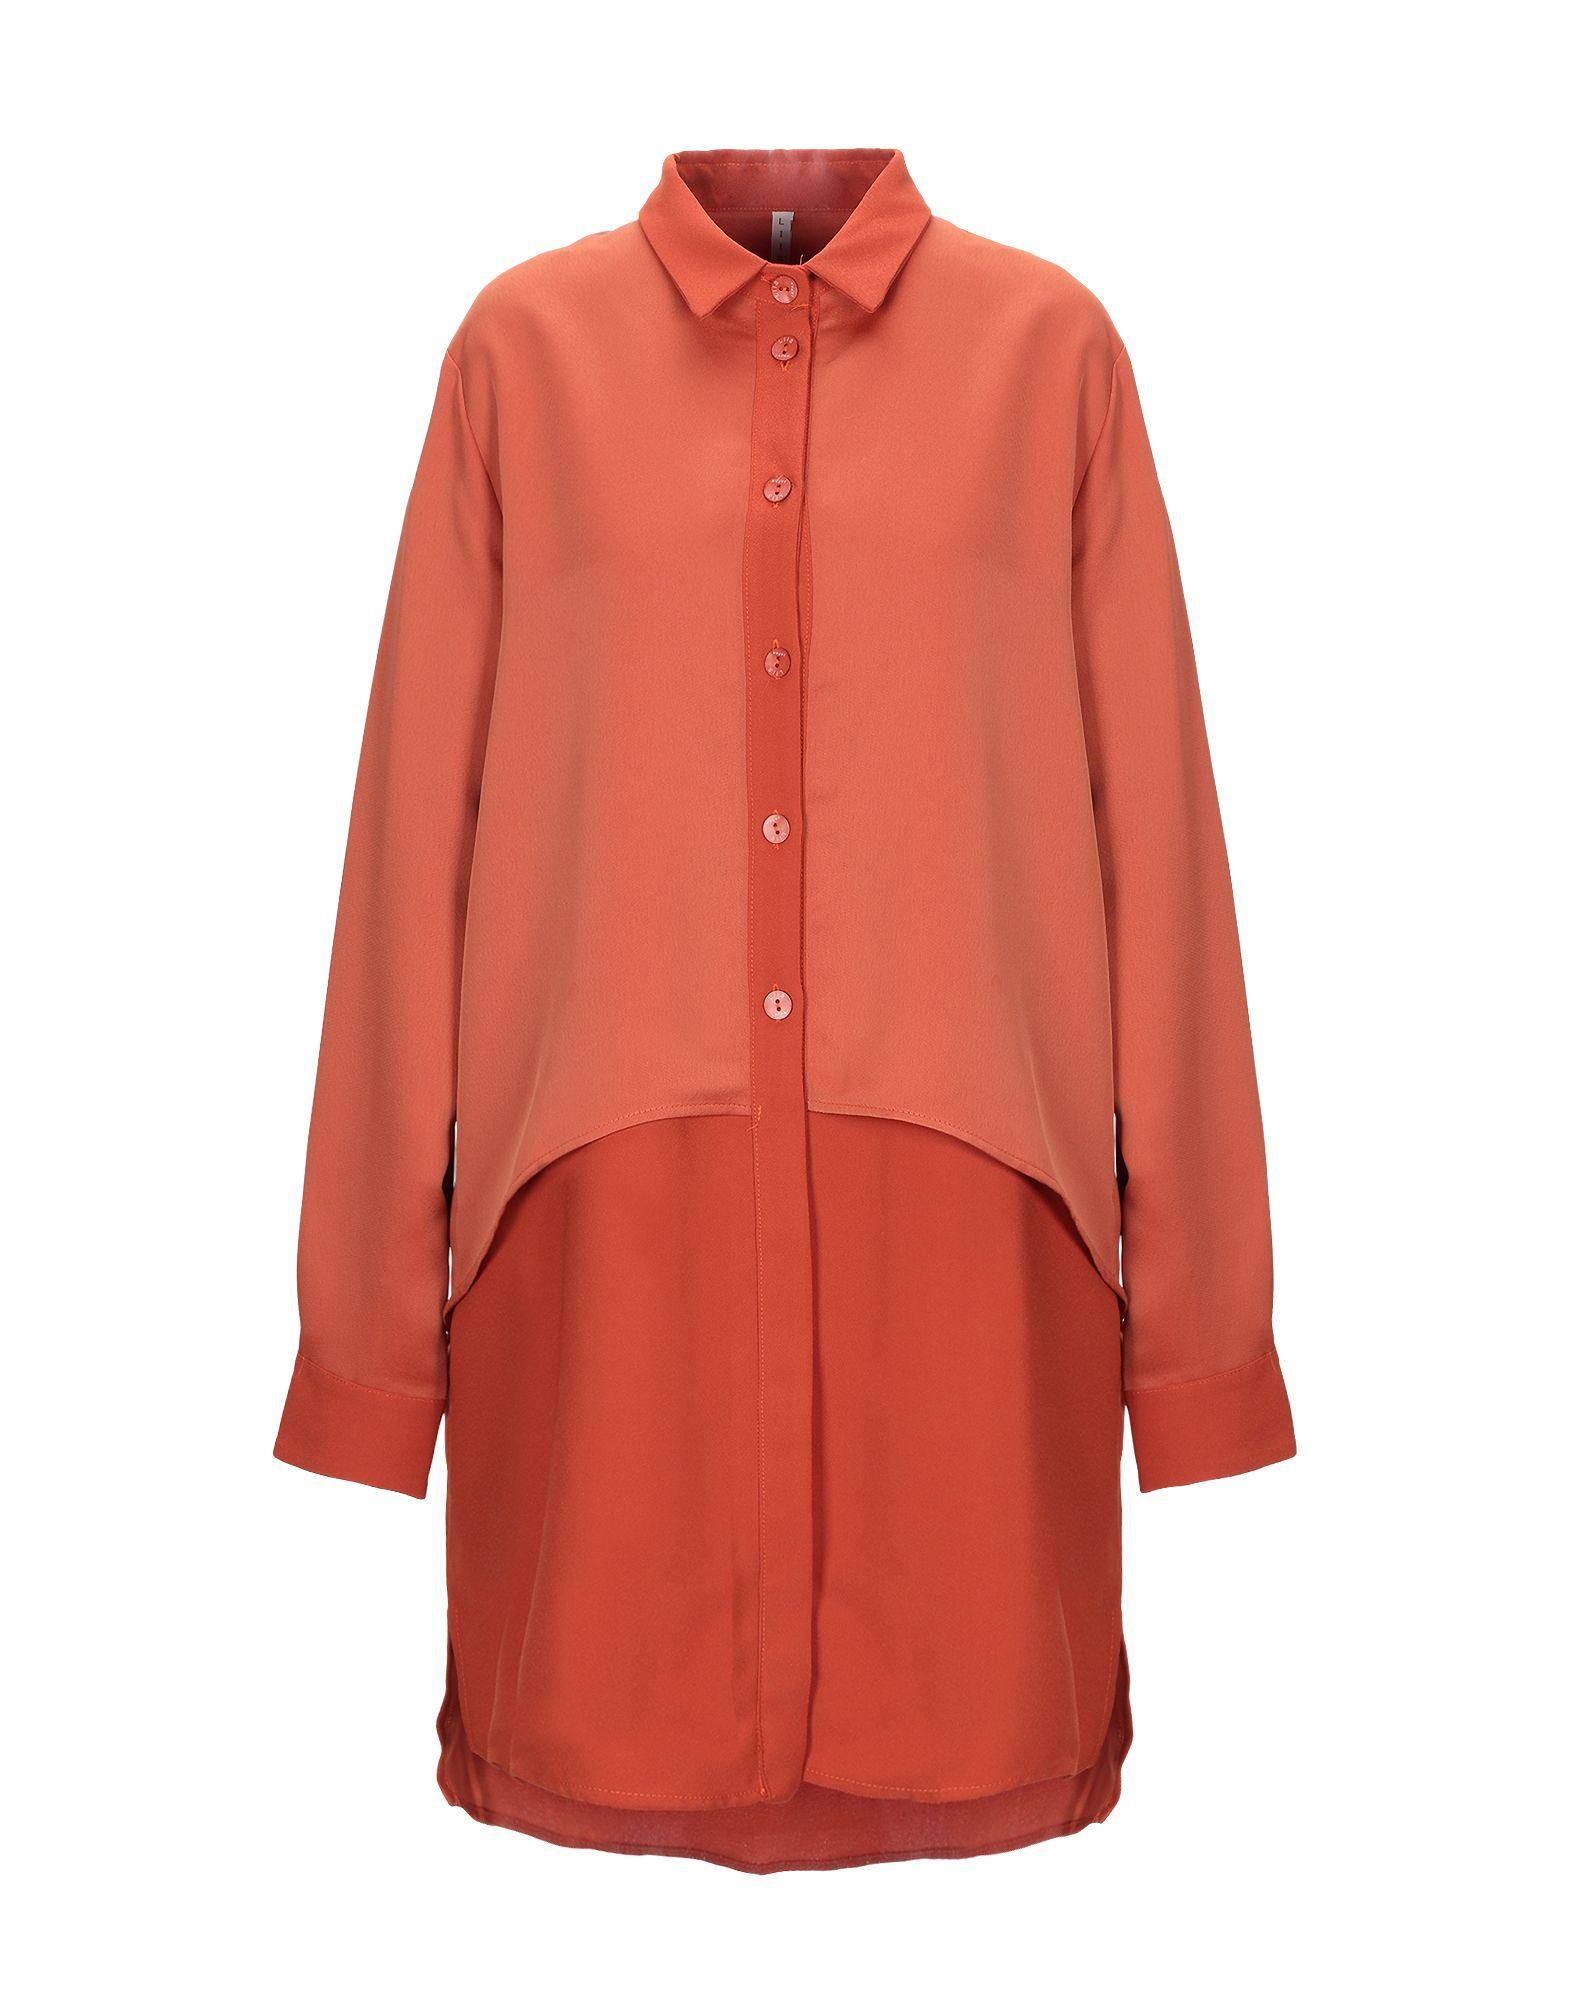 《期間限定 セール開催中》LIIS - JAPAN レディース ミニワンピース&ドレス オレンジ 42 ポリエステル 100%